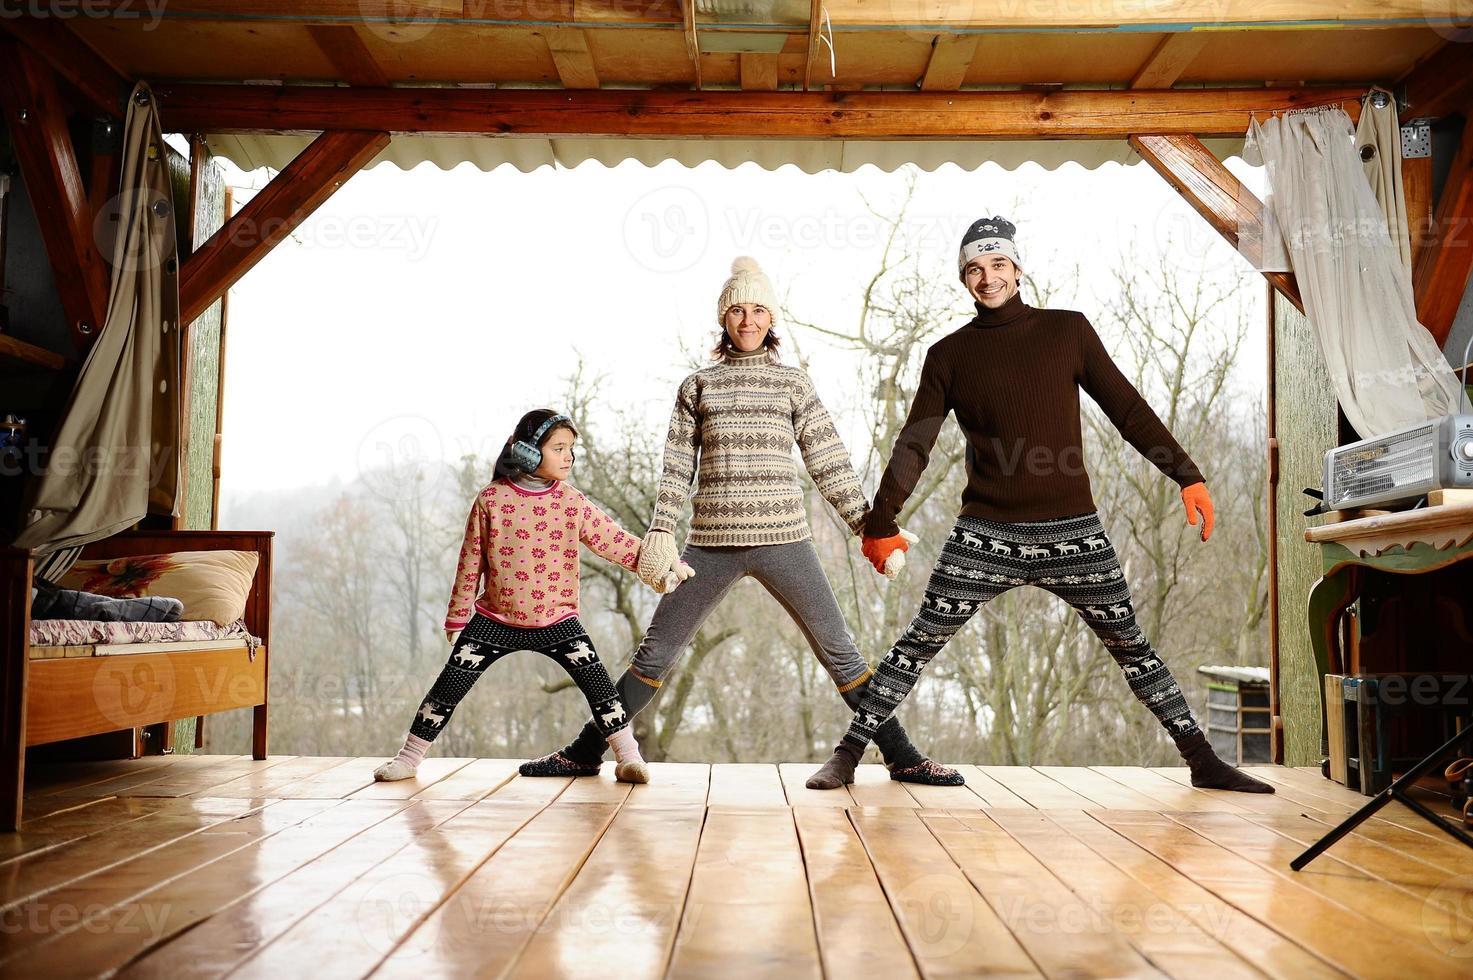 jong gezin op de veranda van een landhuis. foto